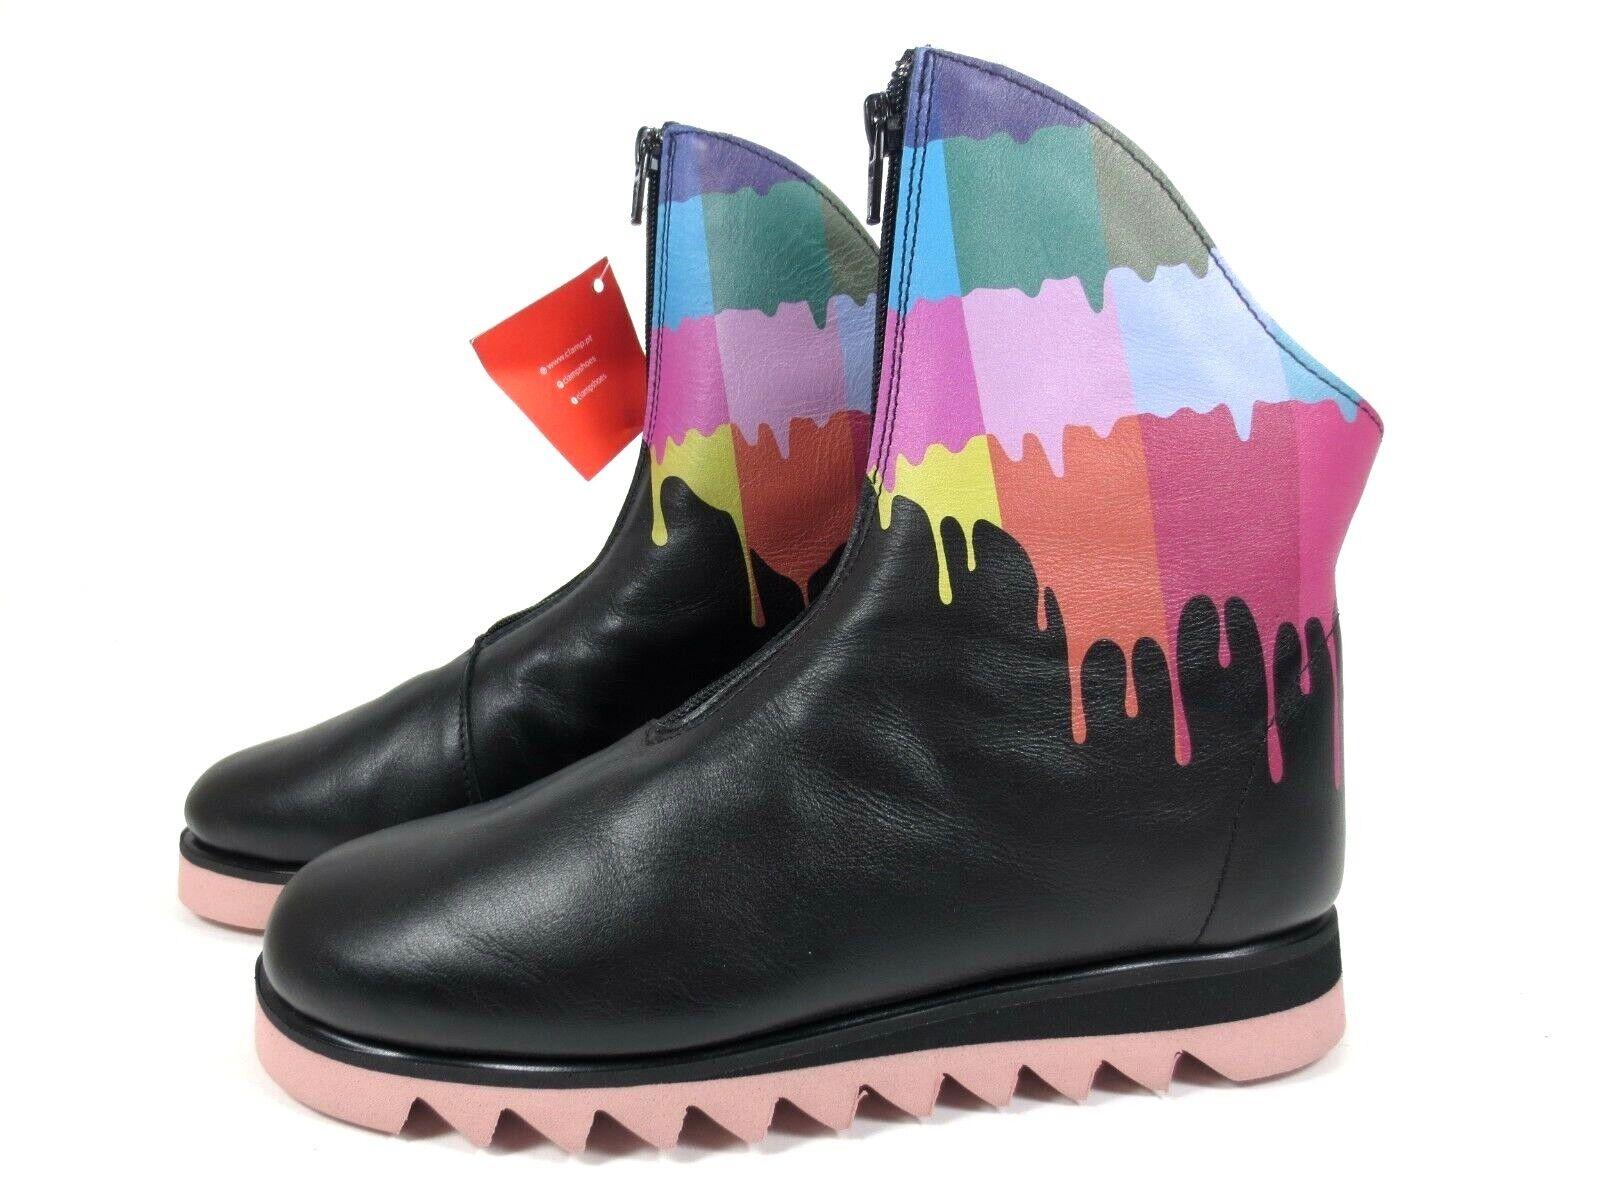 Clamp Finch souple cuir Chaussures bottes Bottines Noir Rose Couleur Couleur Couleur Neuf 149,95 ecfe81